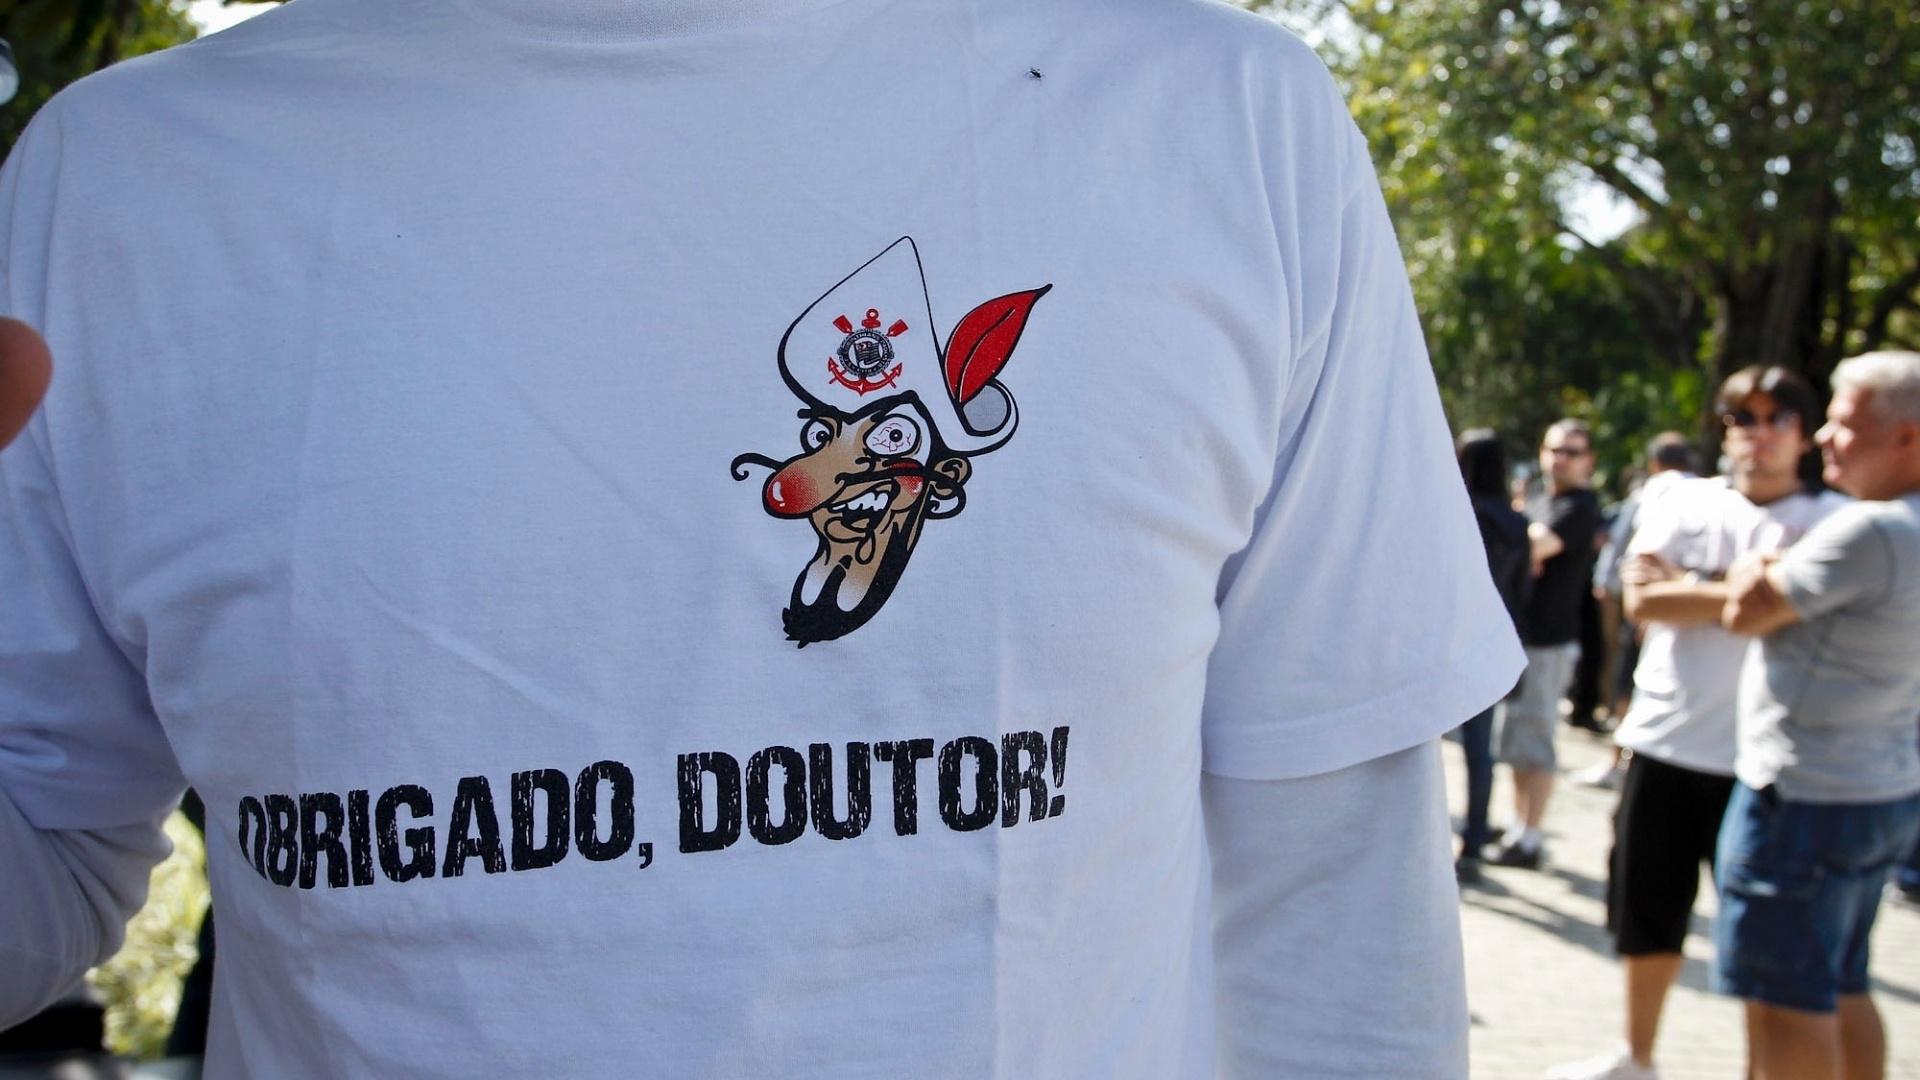 Camisa especial lembra apelido de ídolo corintiano no Parque São Jorge